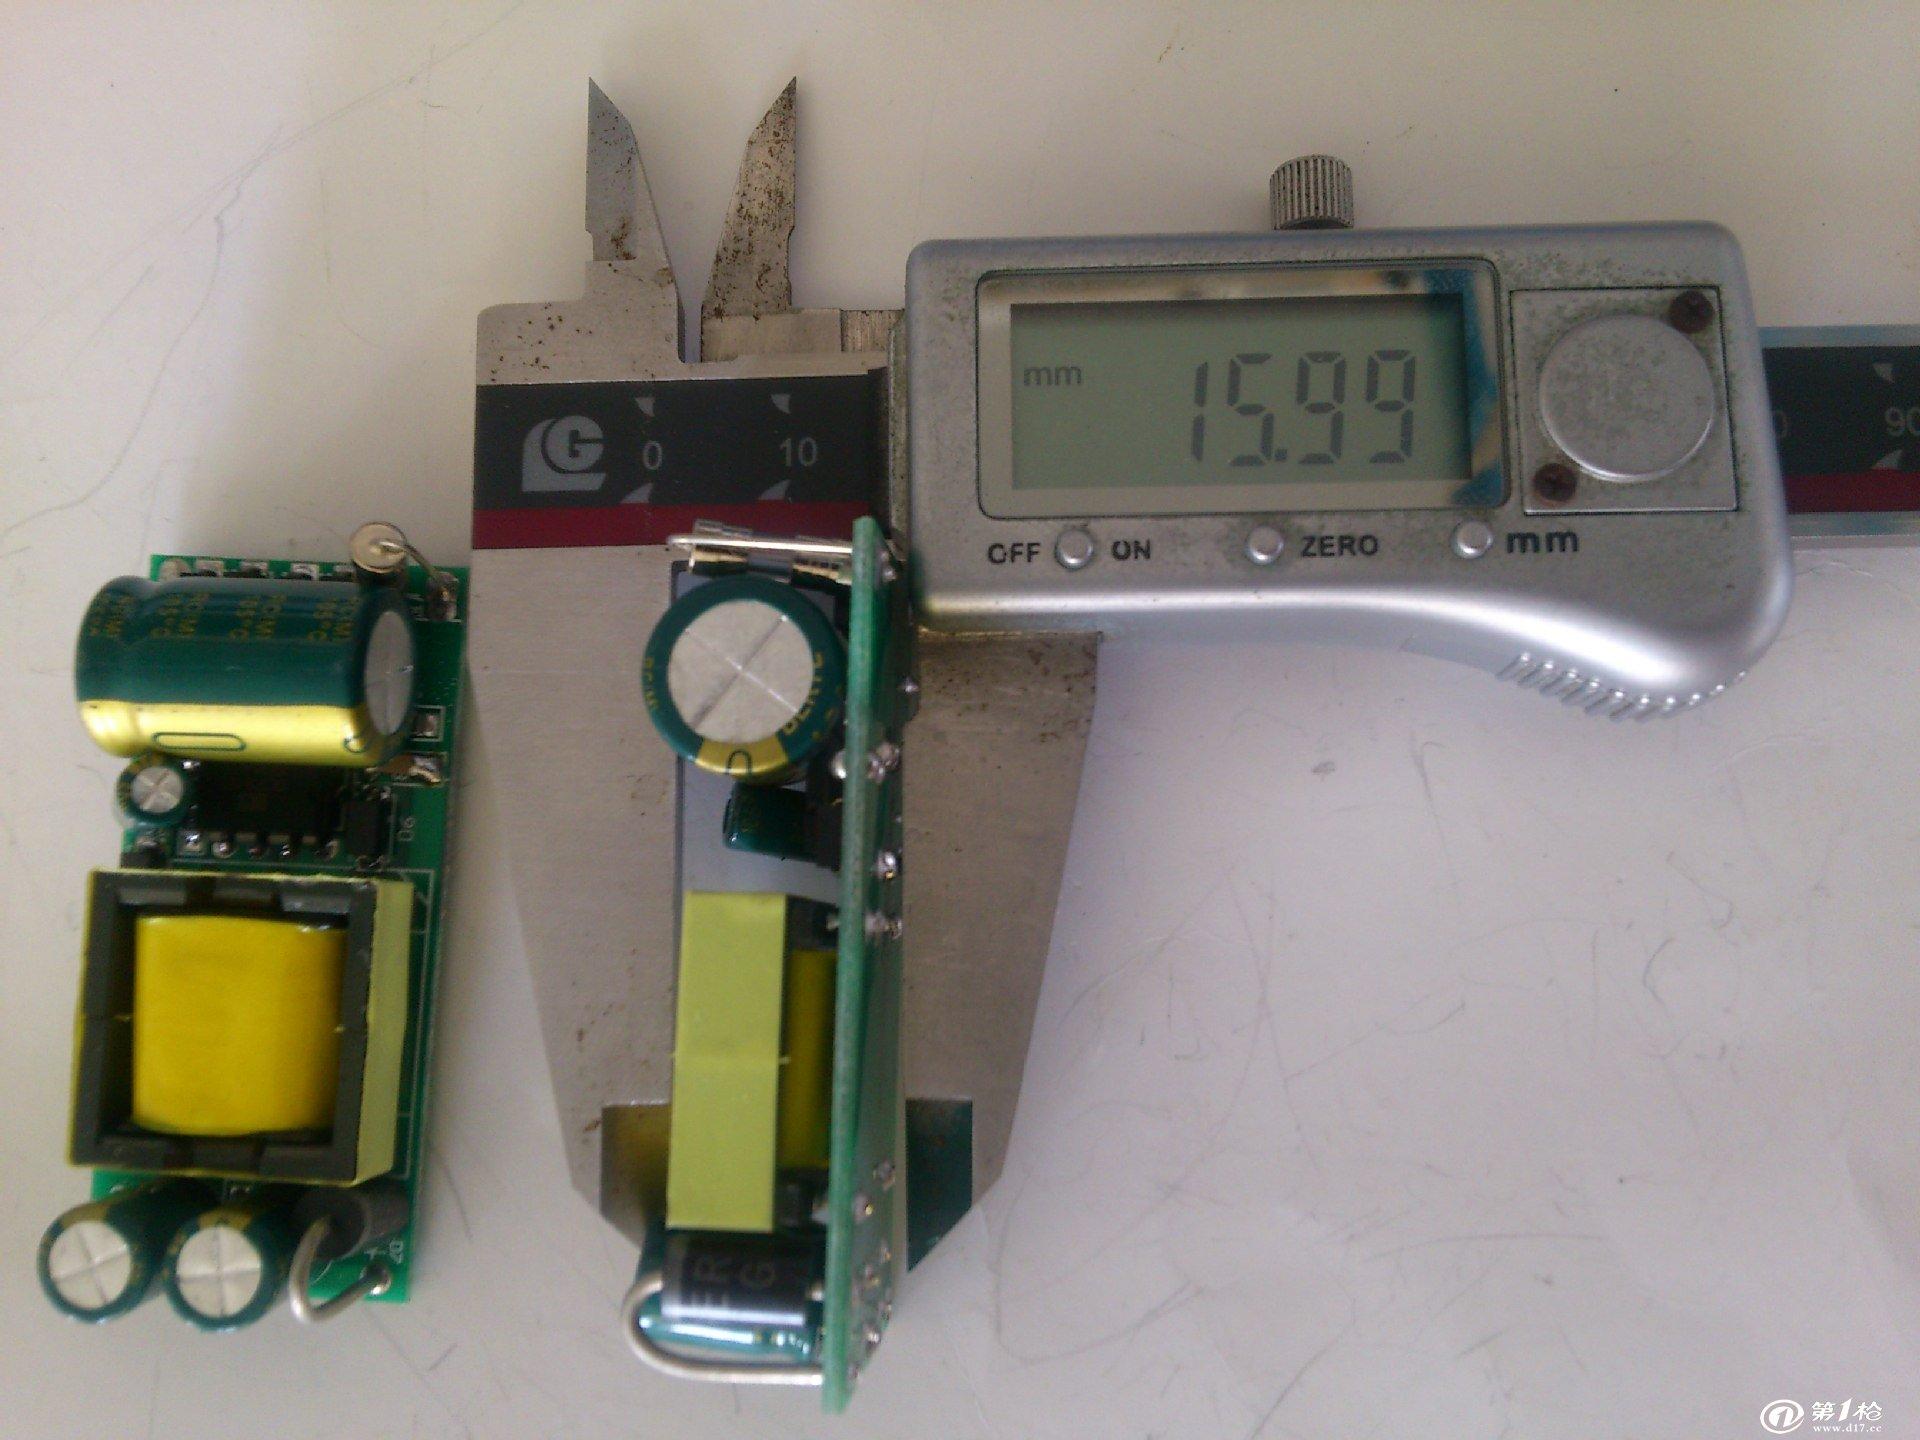 隔离和非隔离LED 驱动电源方案各有优缺点。我们认为,ClassII将在AC/DC照明 领域占主导地位,因为它简化了LED散热。ClassI或II系统依赖接地系统,而在多数情况下,接地系统取决于具体的装置。ClassII系统很常见,也即需要变压器磁性绕组、绝缘带和物理隔绝。ClassI系统需要接地机架和/或机械屏障,而ClassII系统则不需要这些。   影响电解电容器可靠性与寿命的最重要因素是较高的工作温度,而LED灯具通常工作在较高的温度下。电解电容可以而且正在用于照明应用,但为了